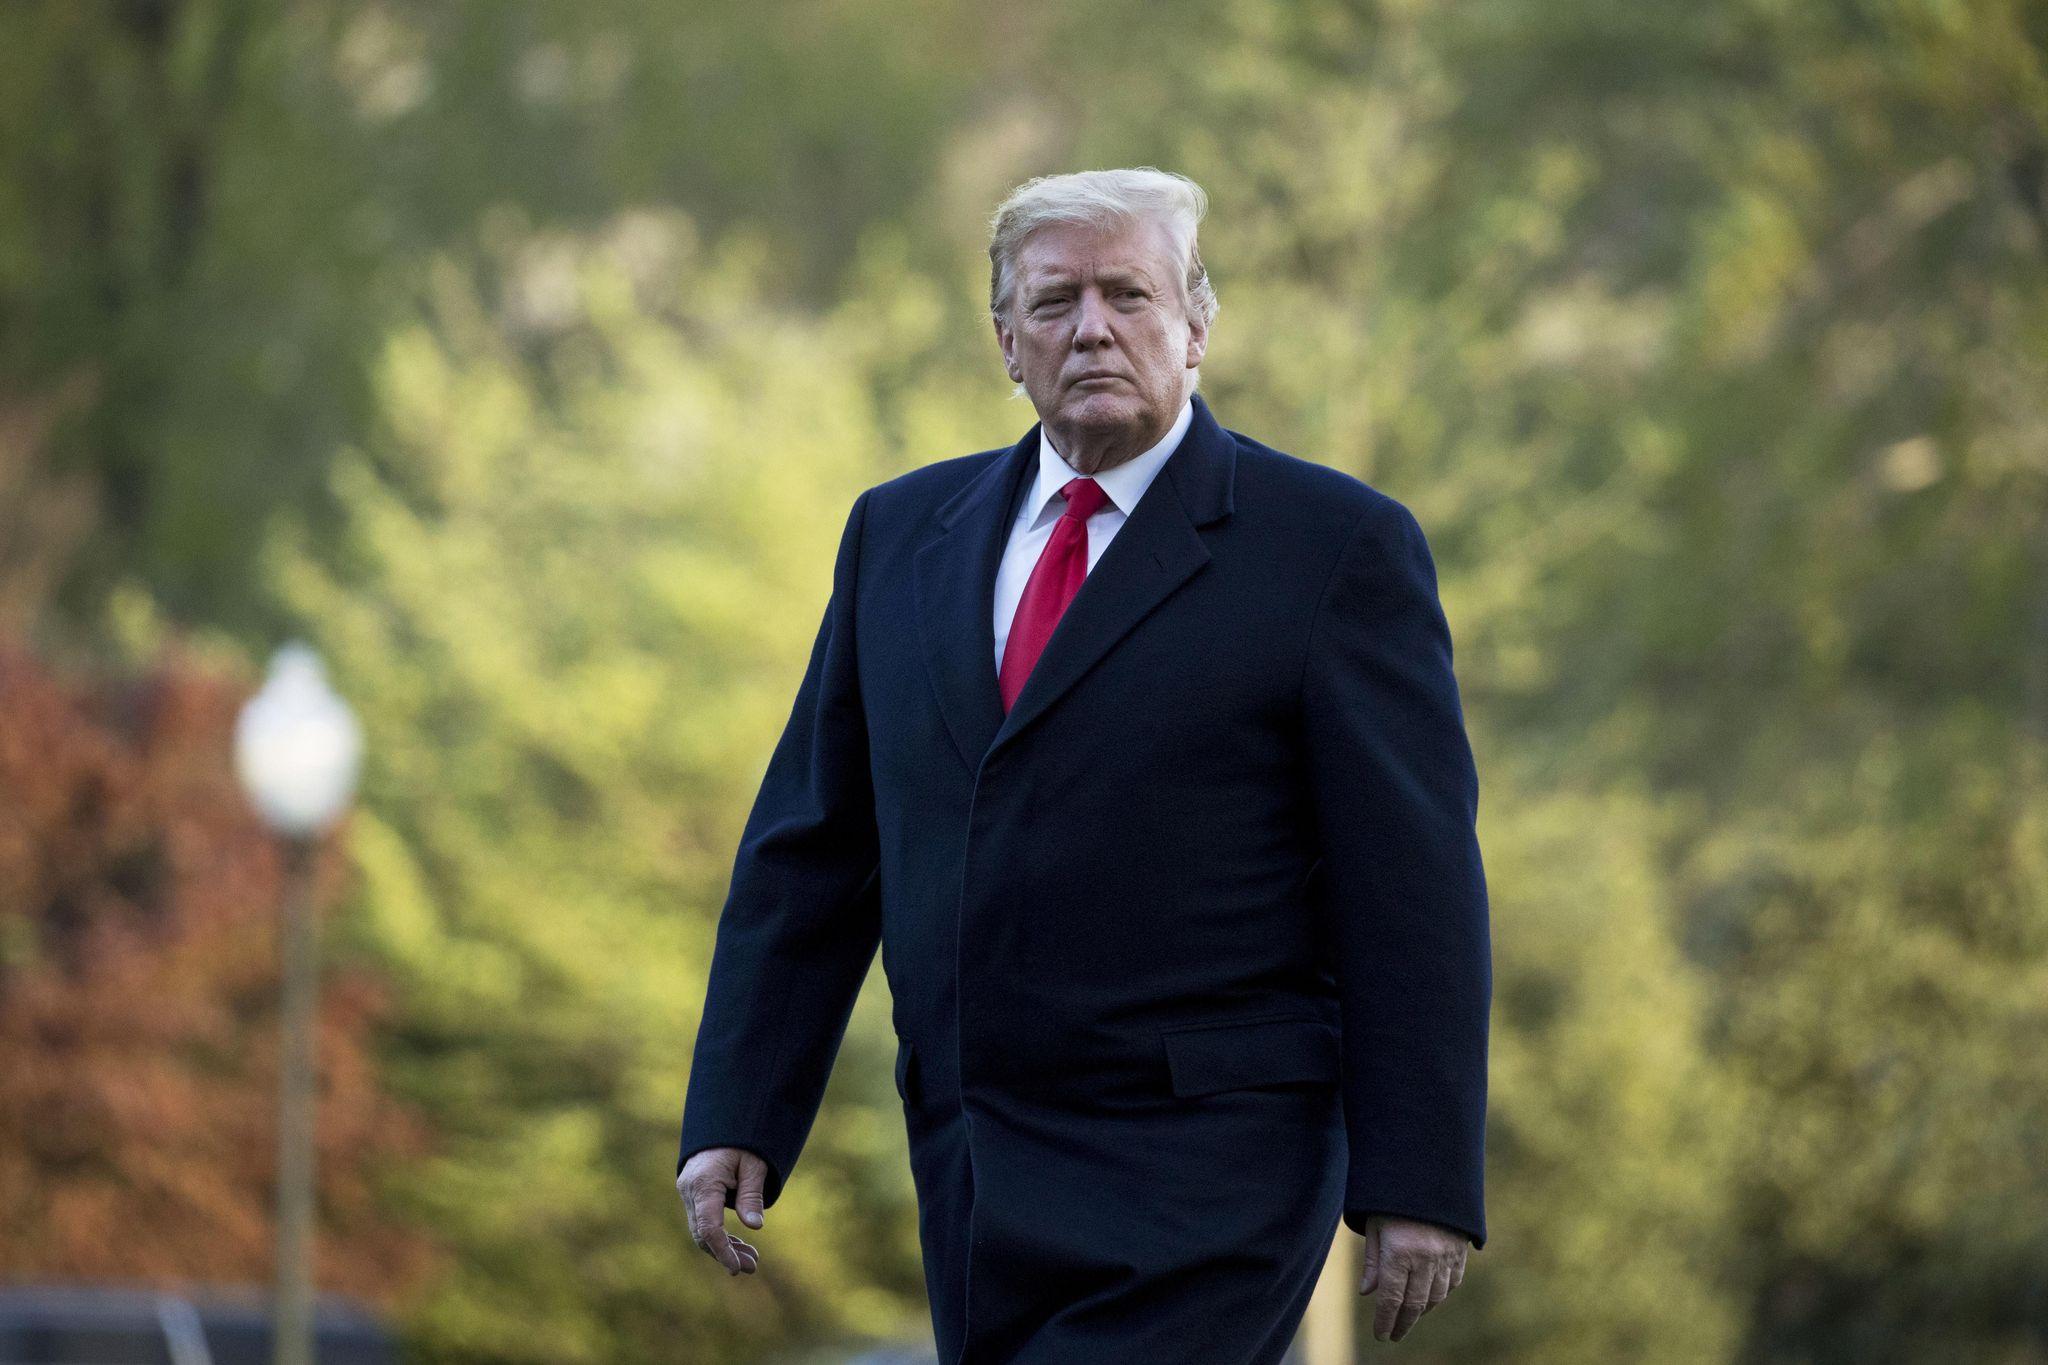 Donald Trump can sail toward a win in 2020